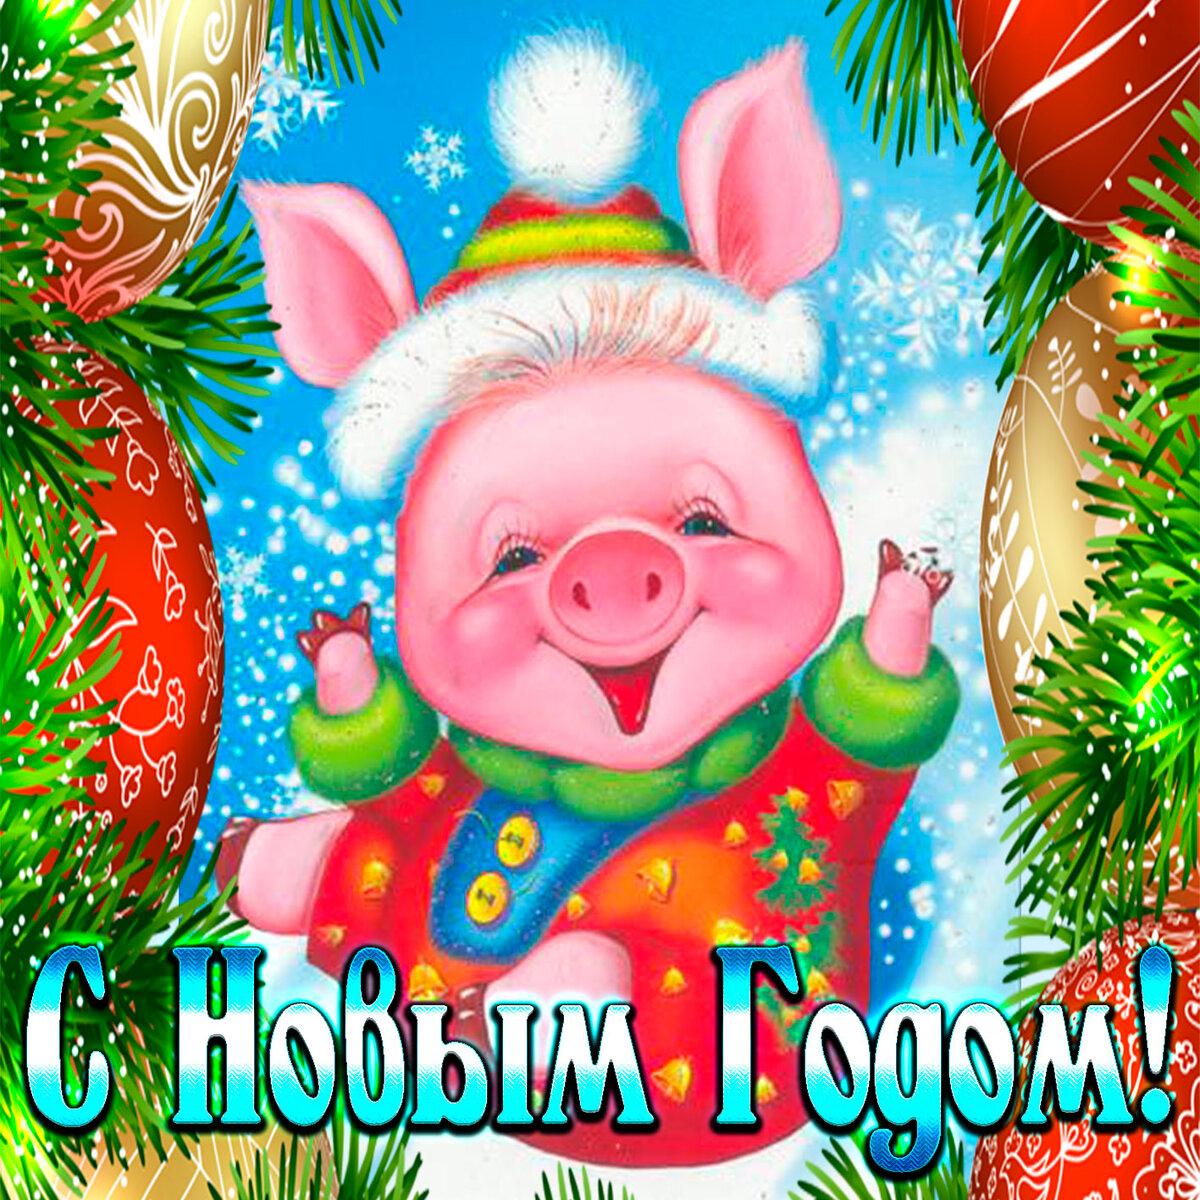 Картинка открытка новый год 2019